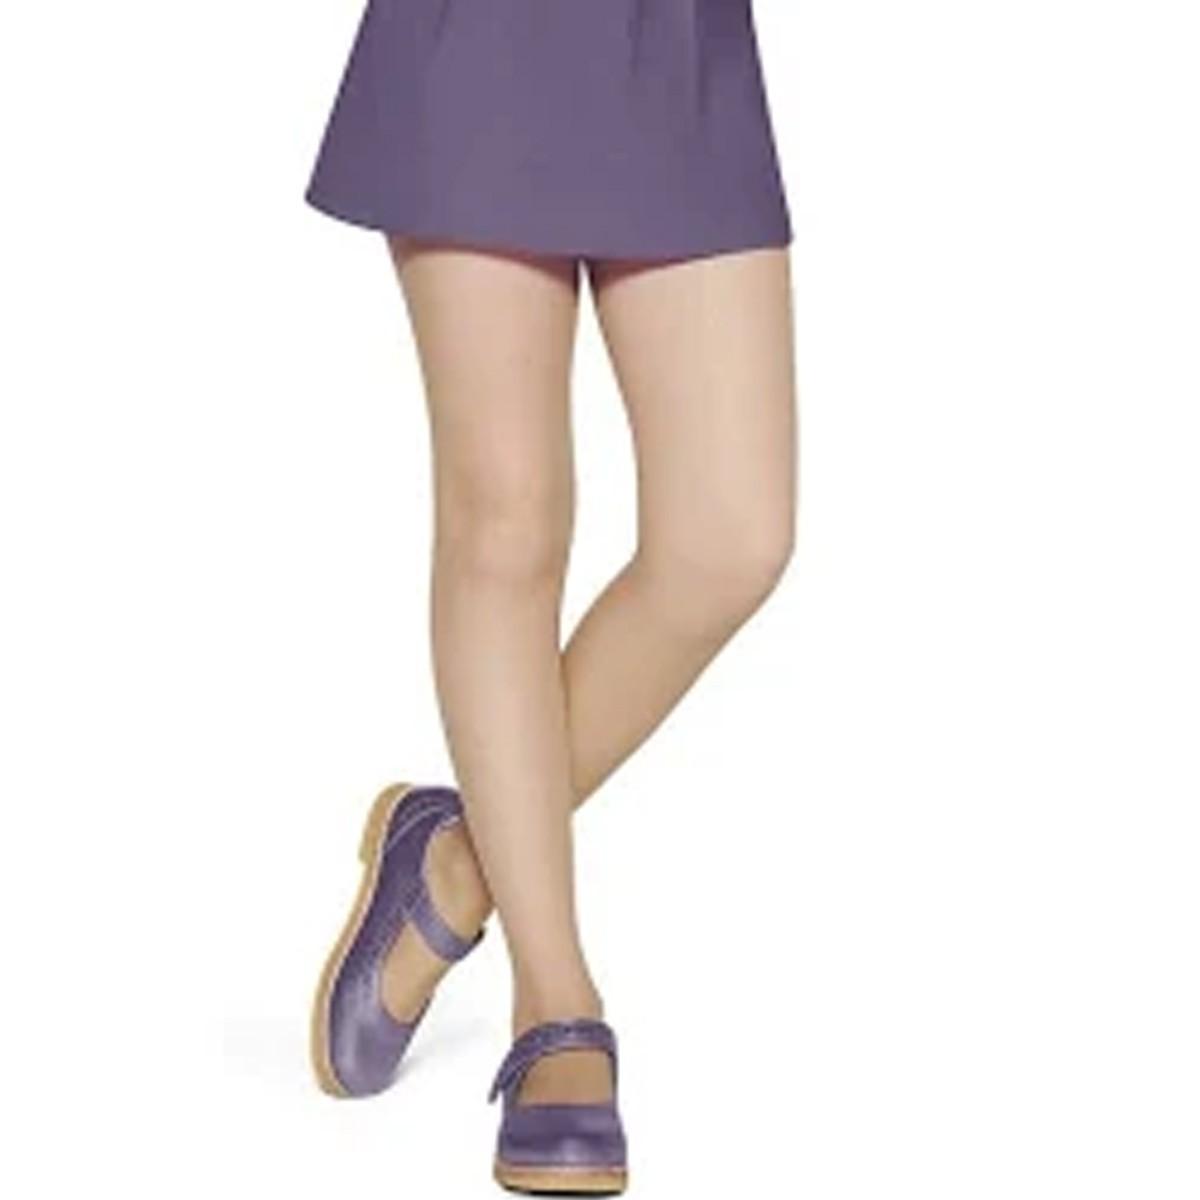 Meia Calça Fina Lisa Infantil Fio 20 Lobinha Lupo Delicada - 2570